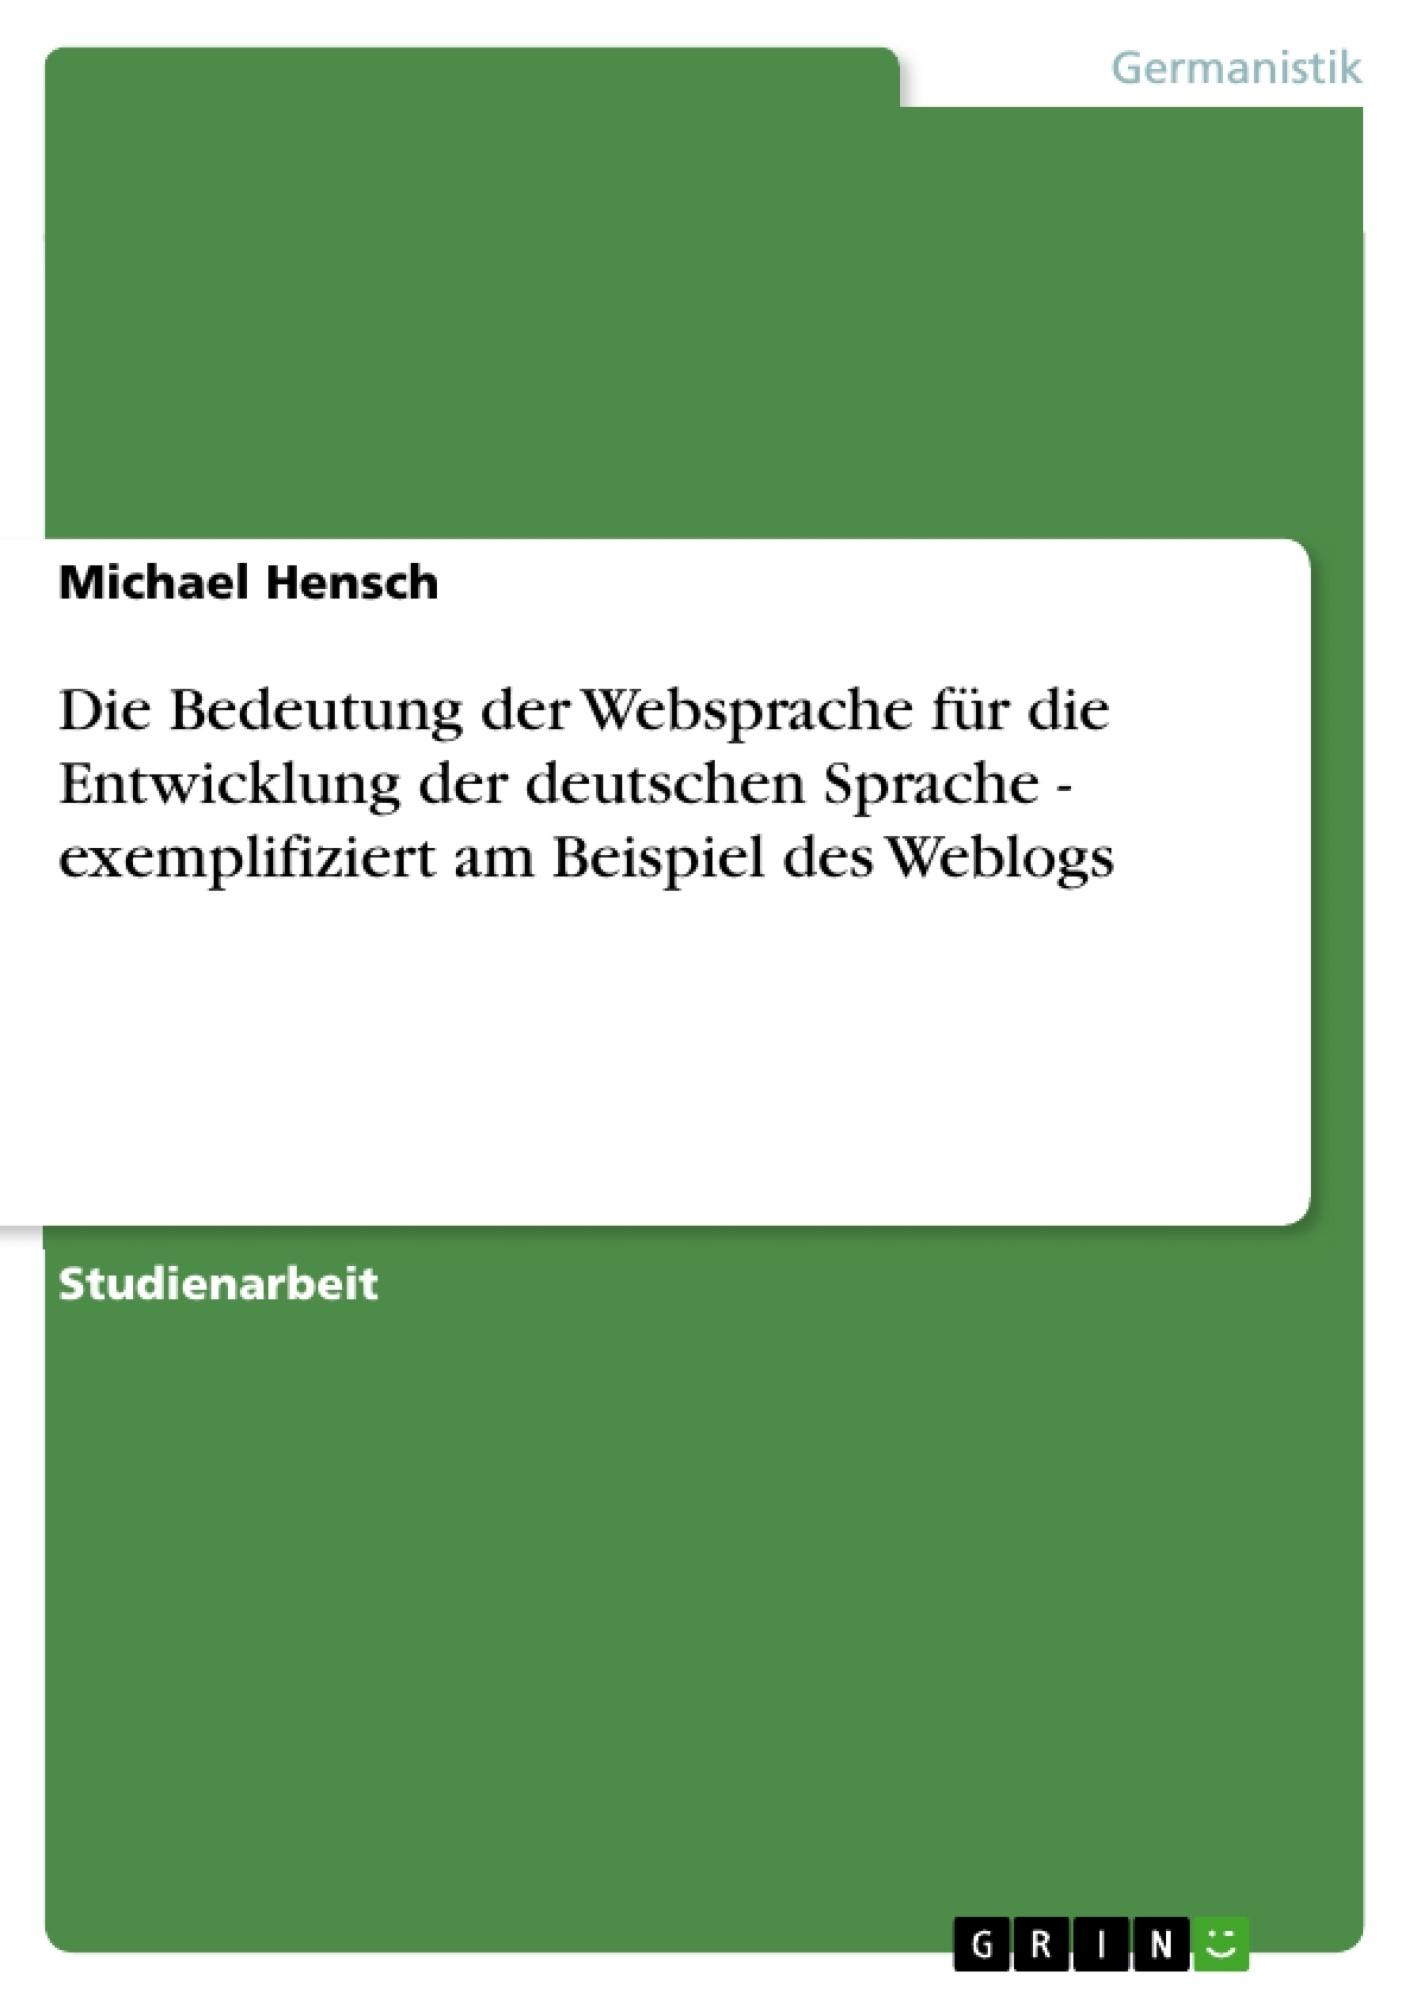 Titel: Die Bedeutung der Websprache für die Entwicklung der deutschen Sprache - exemplifiziert am Beispiel des Weblogs